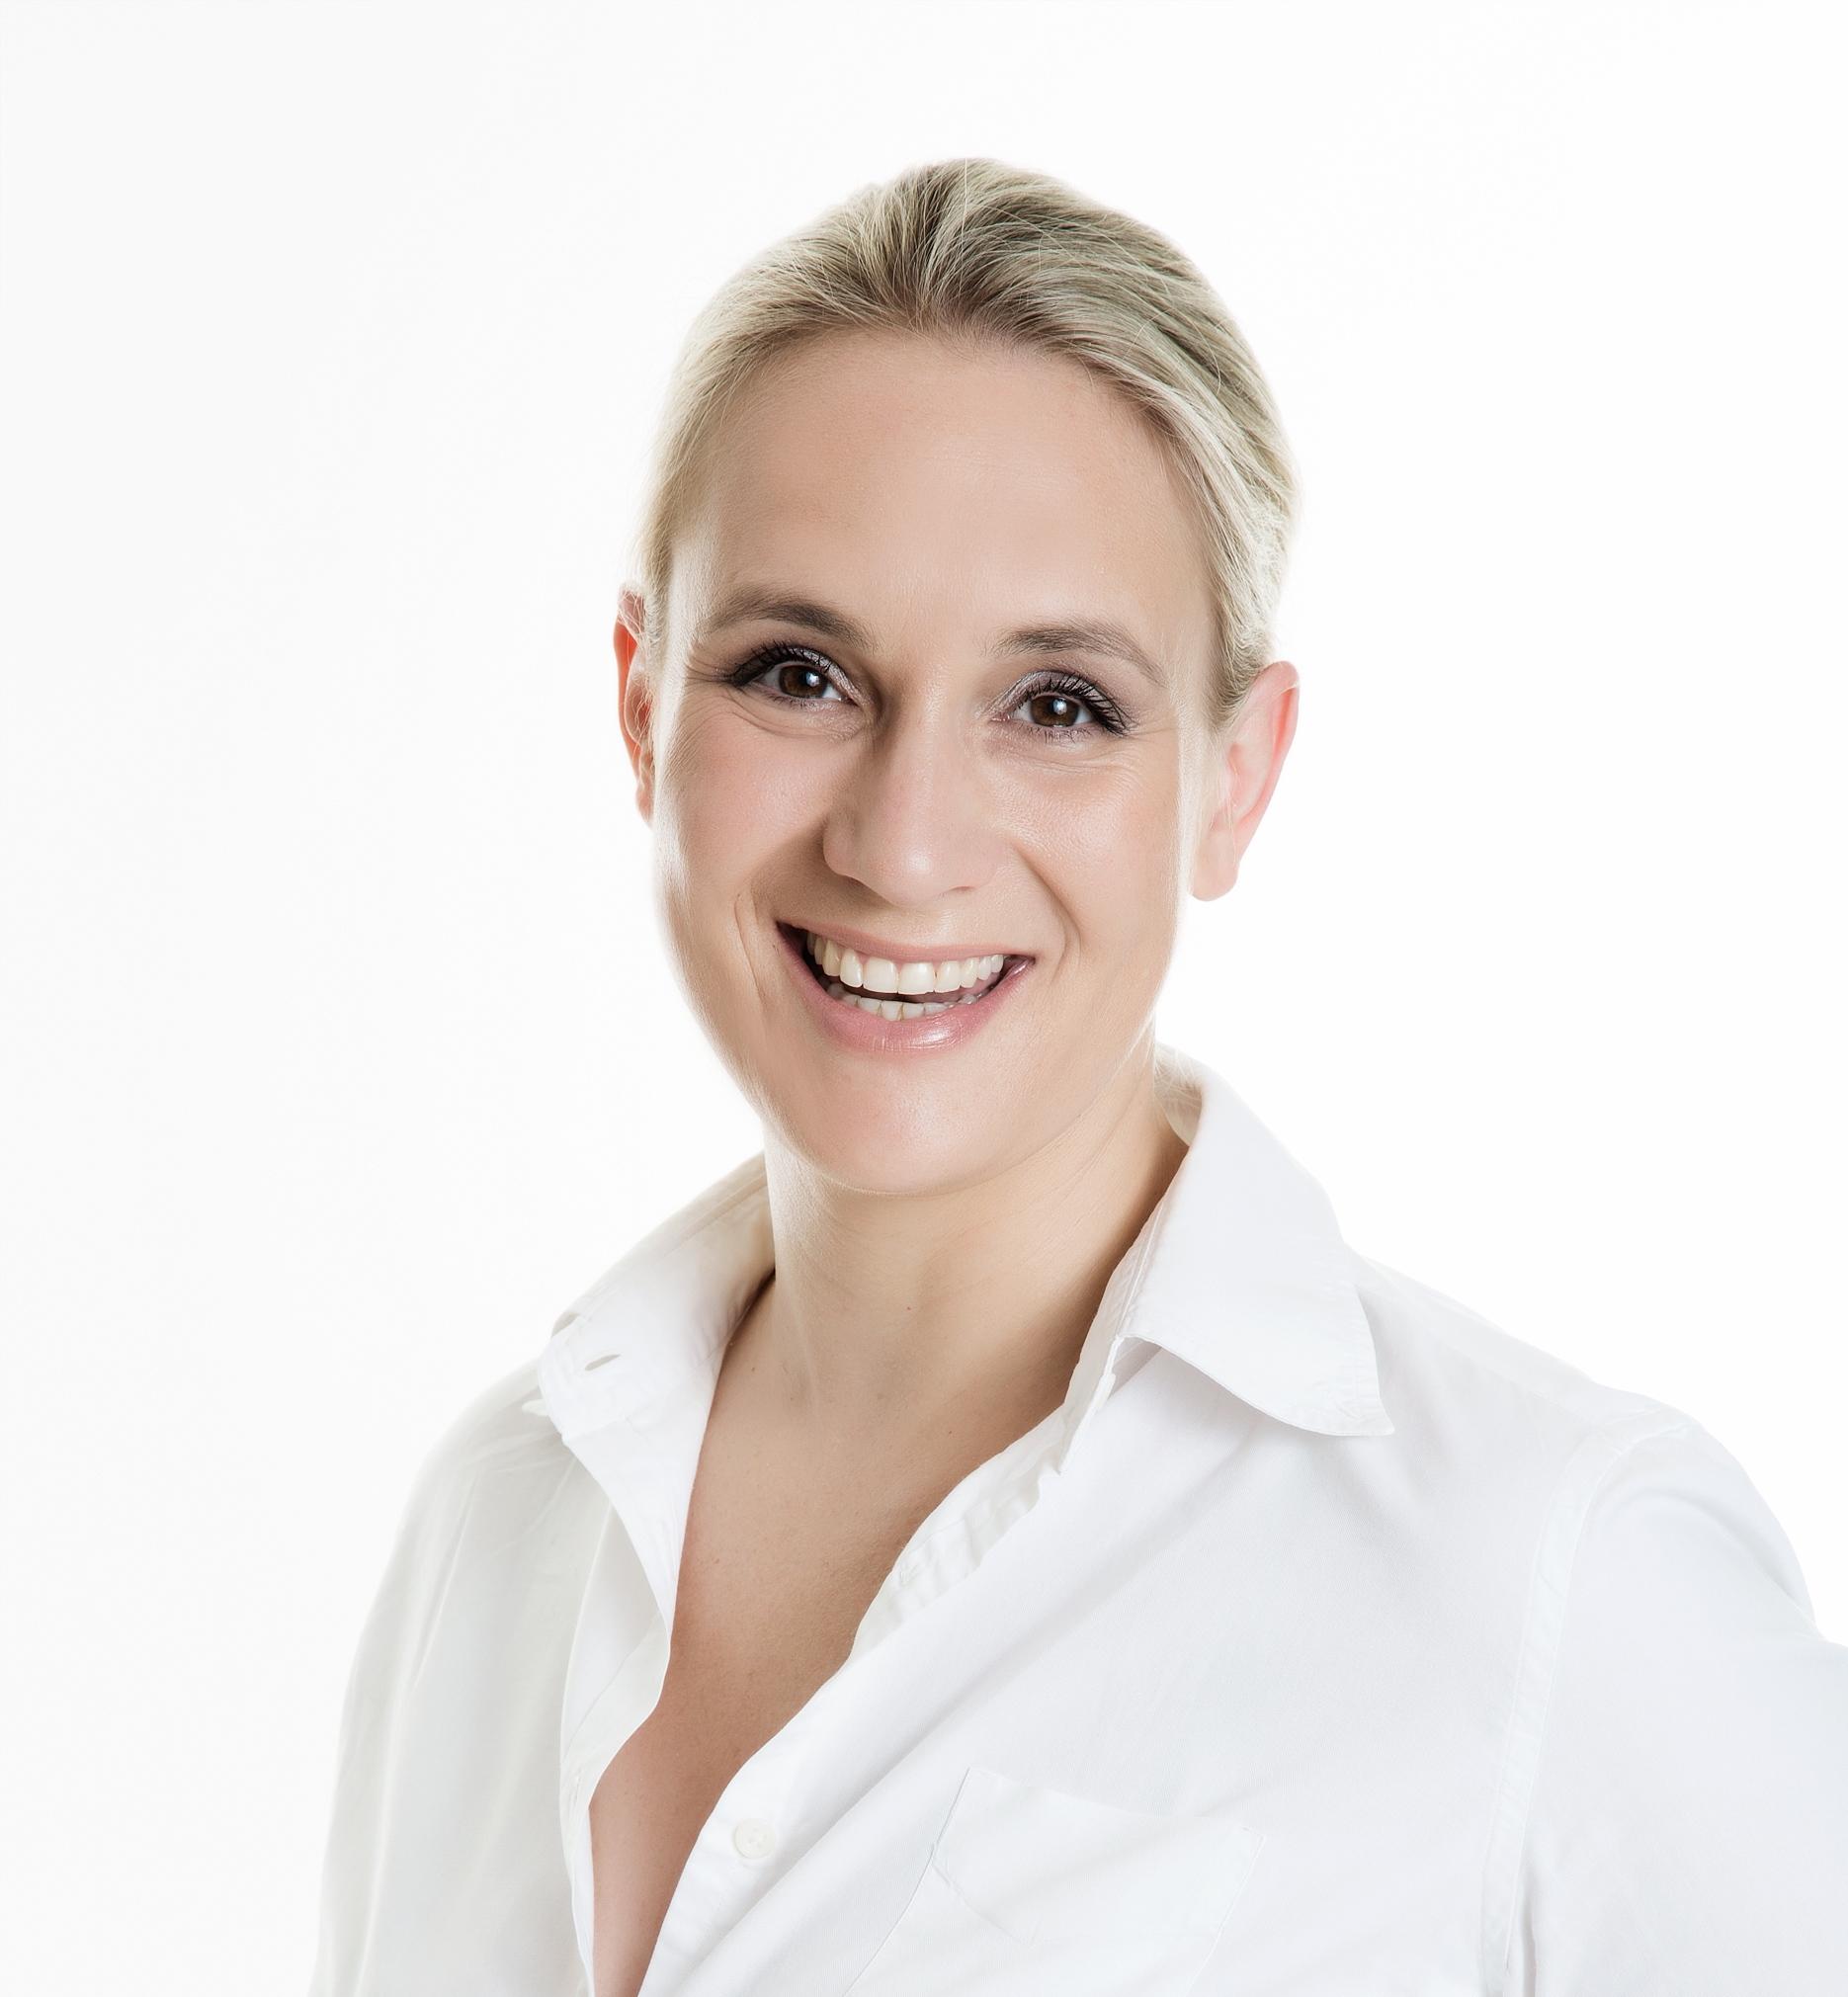 Christina Ambros-Rudolph